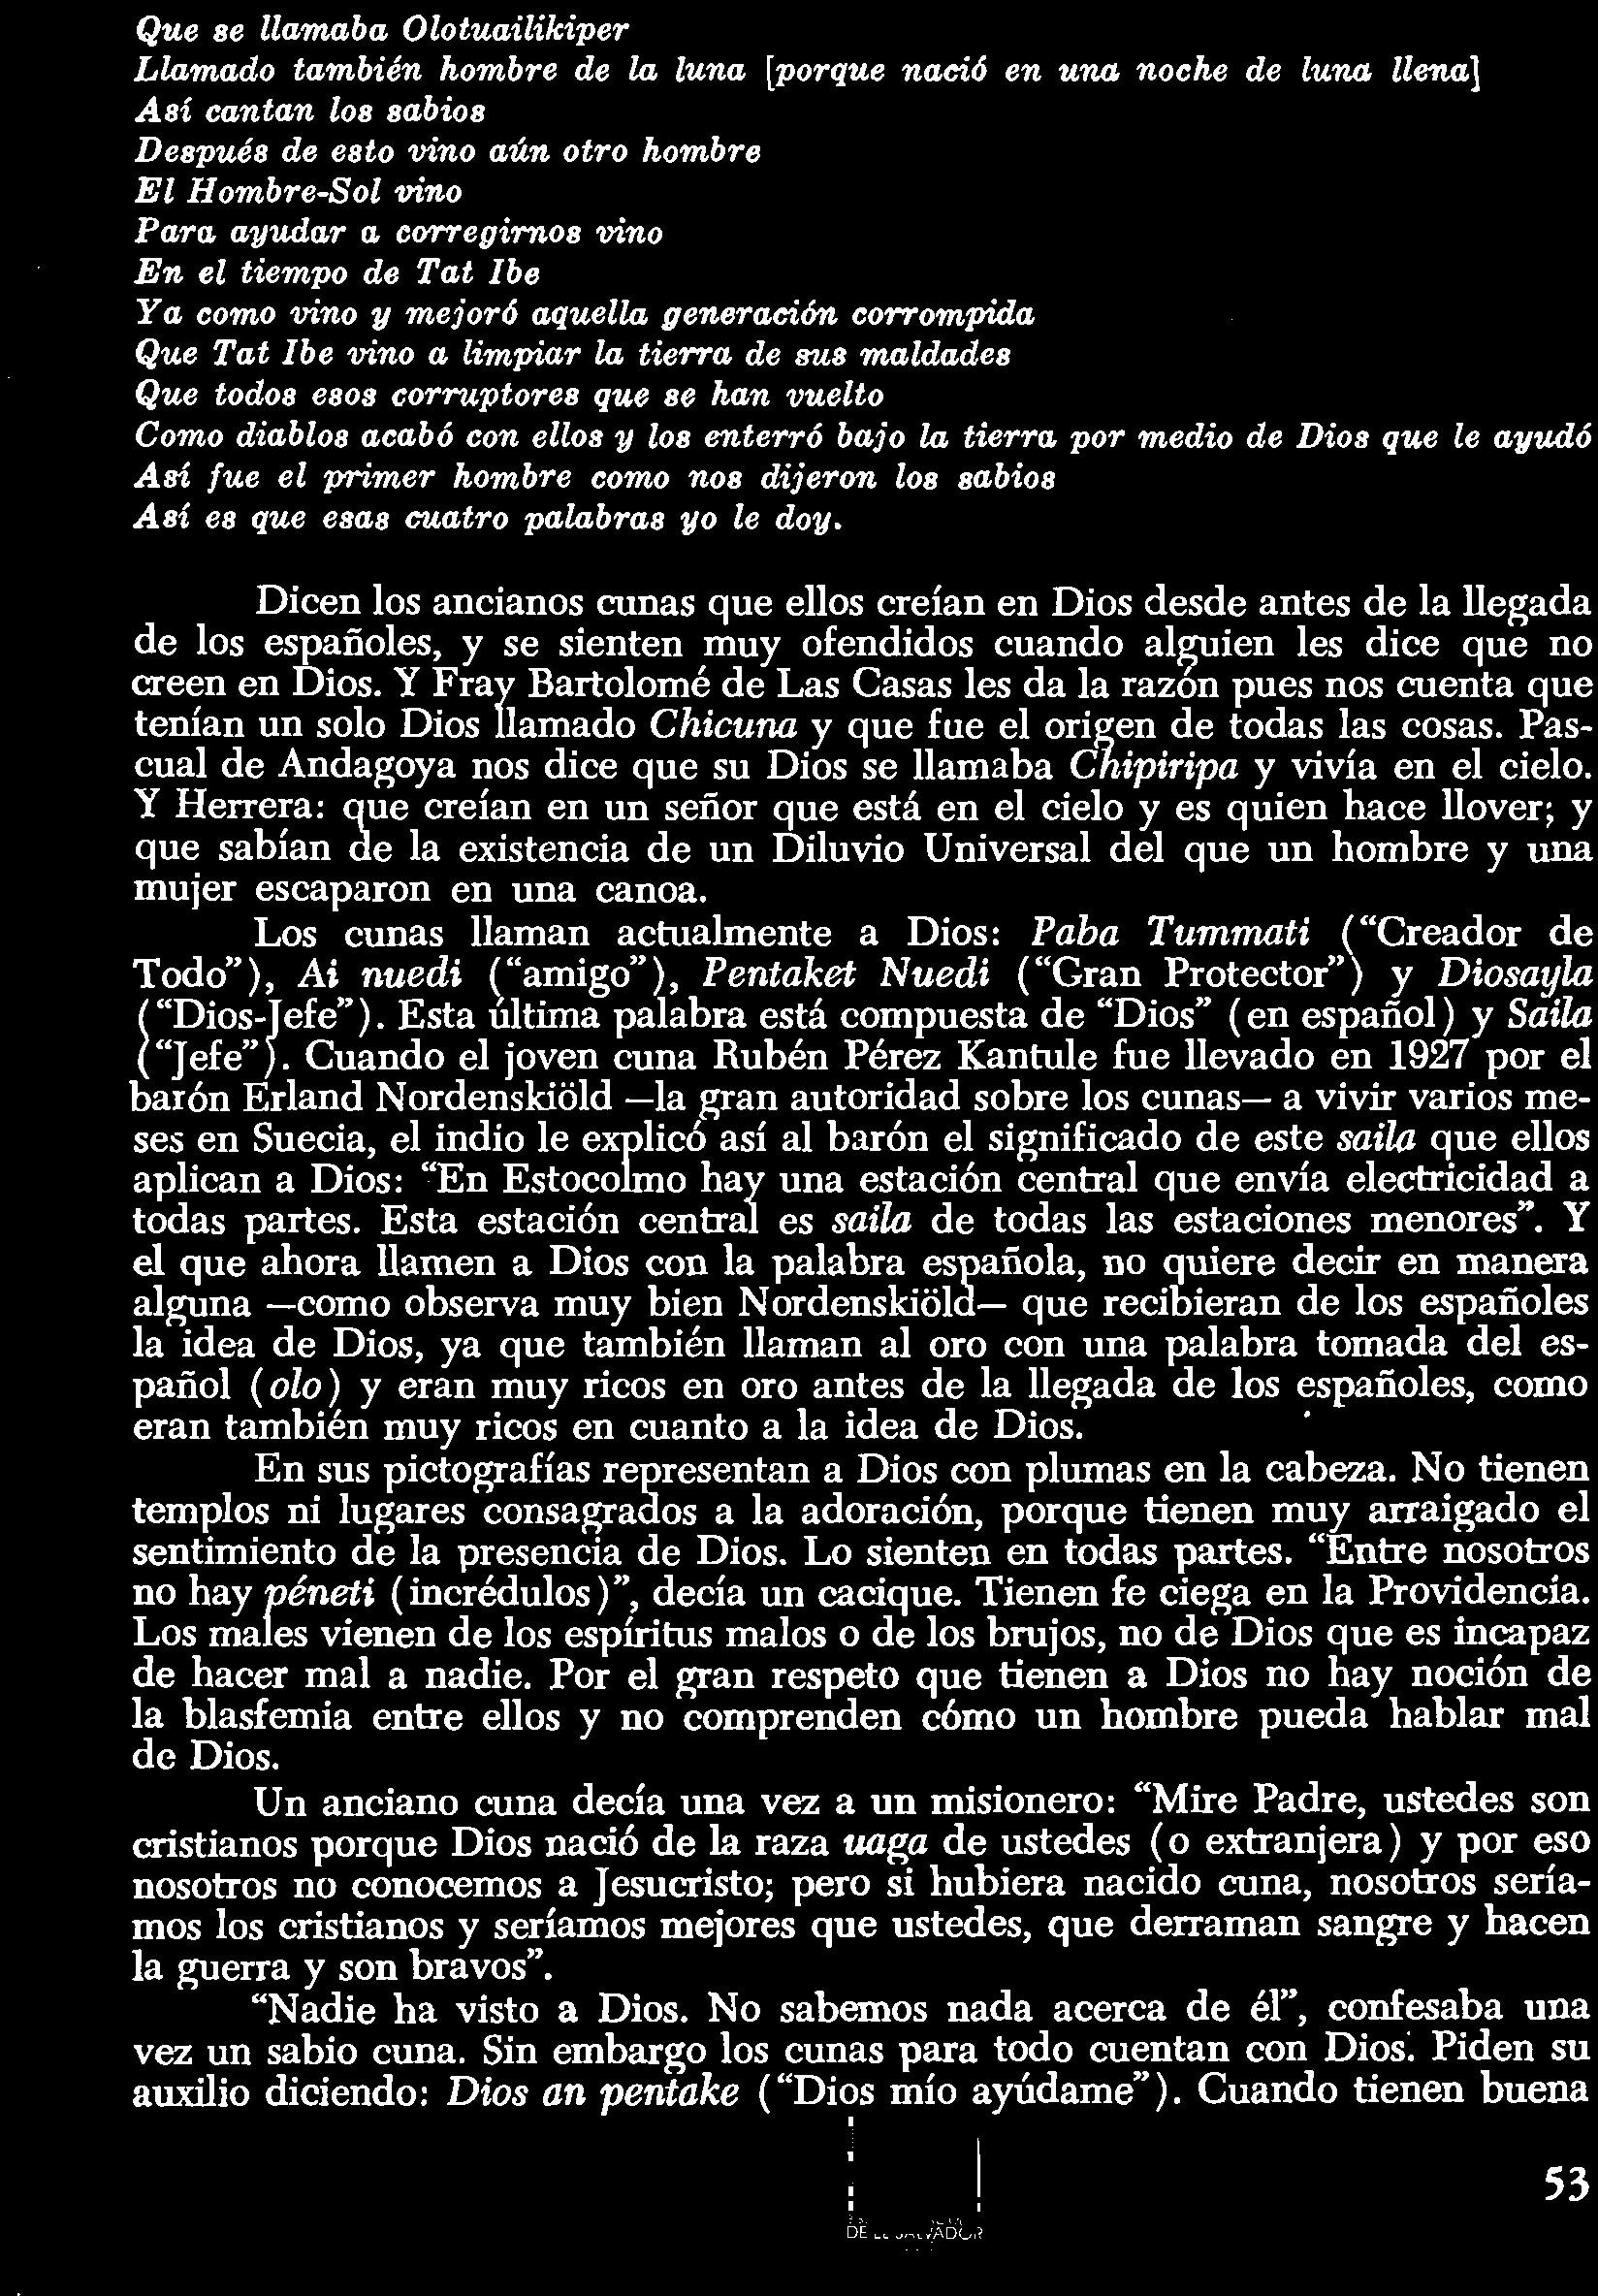 Calendario Escolar 2019 Badajoz Mejores Y Más Novedosos Cultura Revista Del Ministerio De Educacion Pdf Of Calendario Escolar 2019 Badajoz Recientes Calaméo Gara